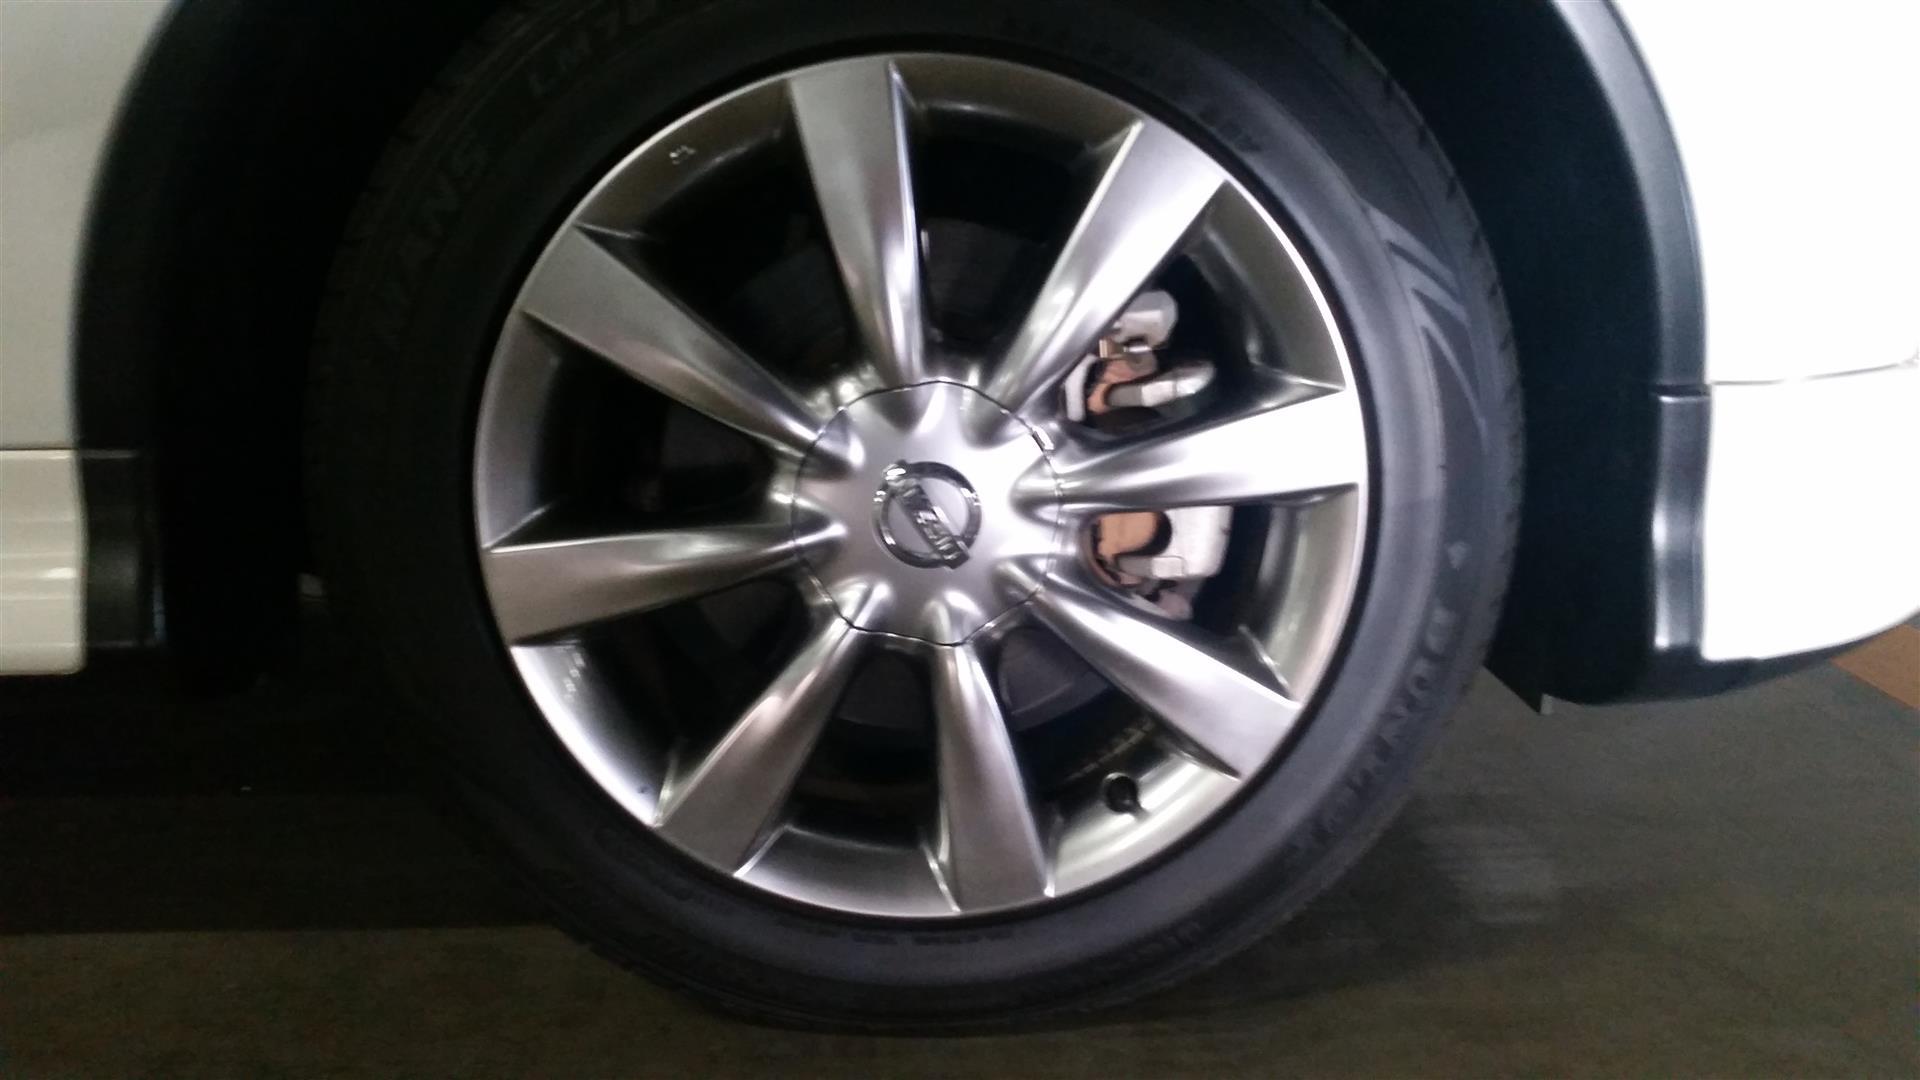 2009 Nissan Skyline Crossover 370GT Premium wheel